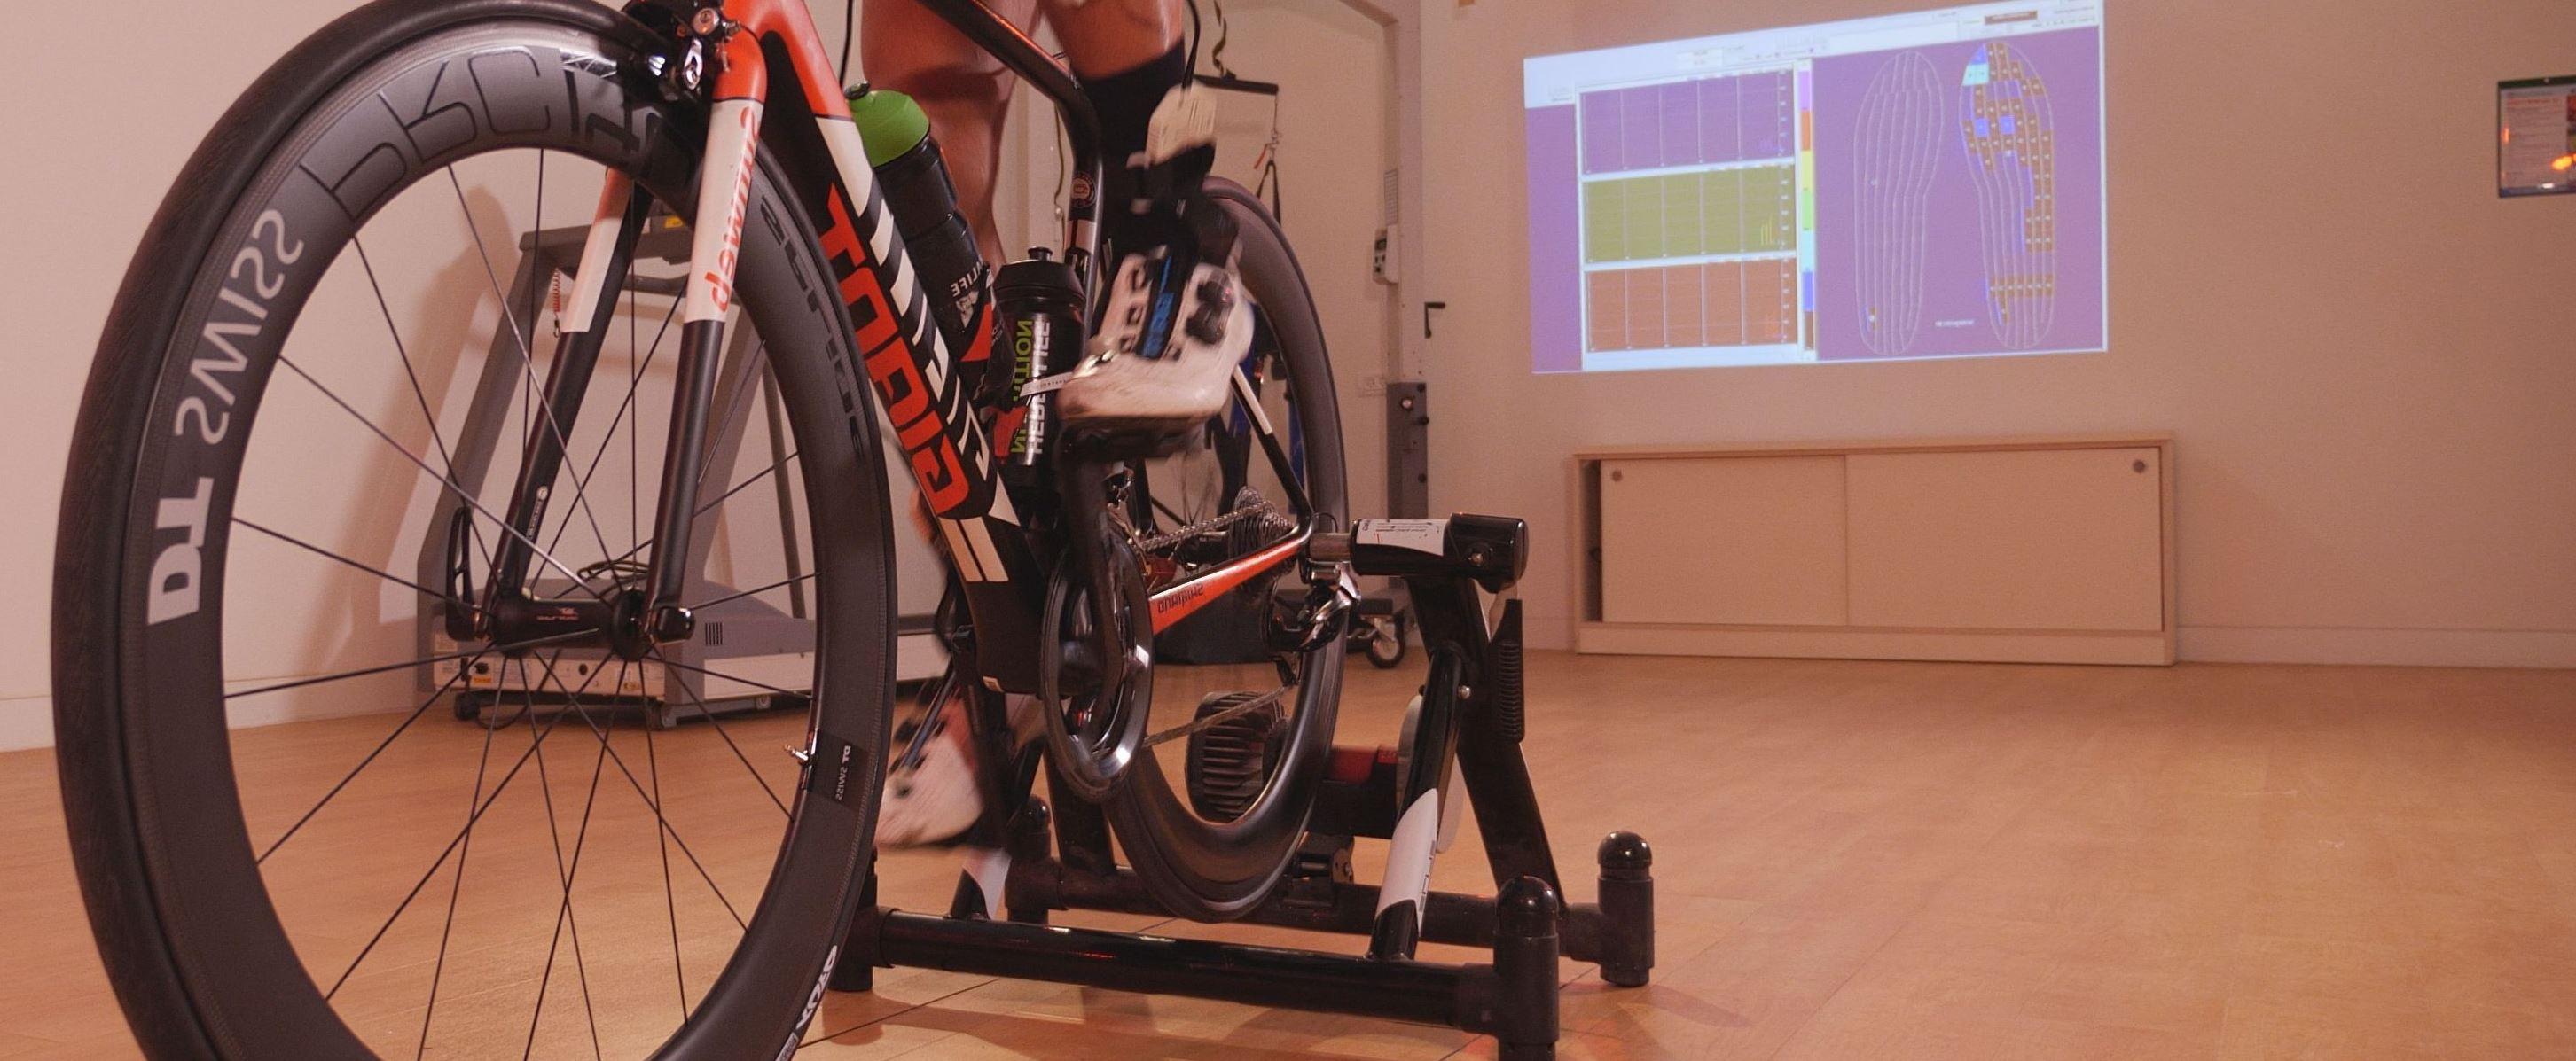 חדשנות טכנולוגית לטובת הספורט ההישגי